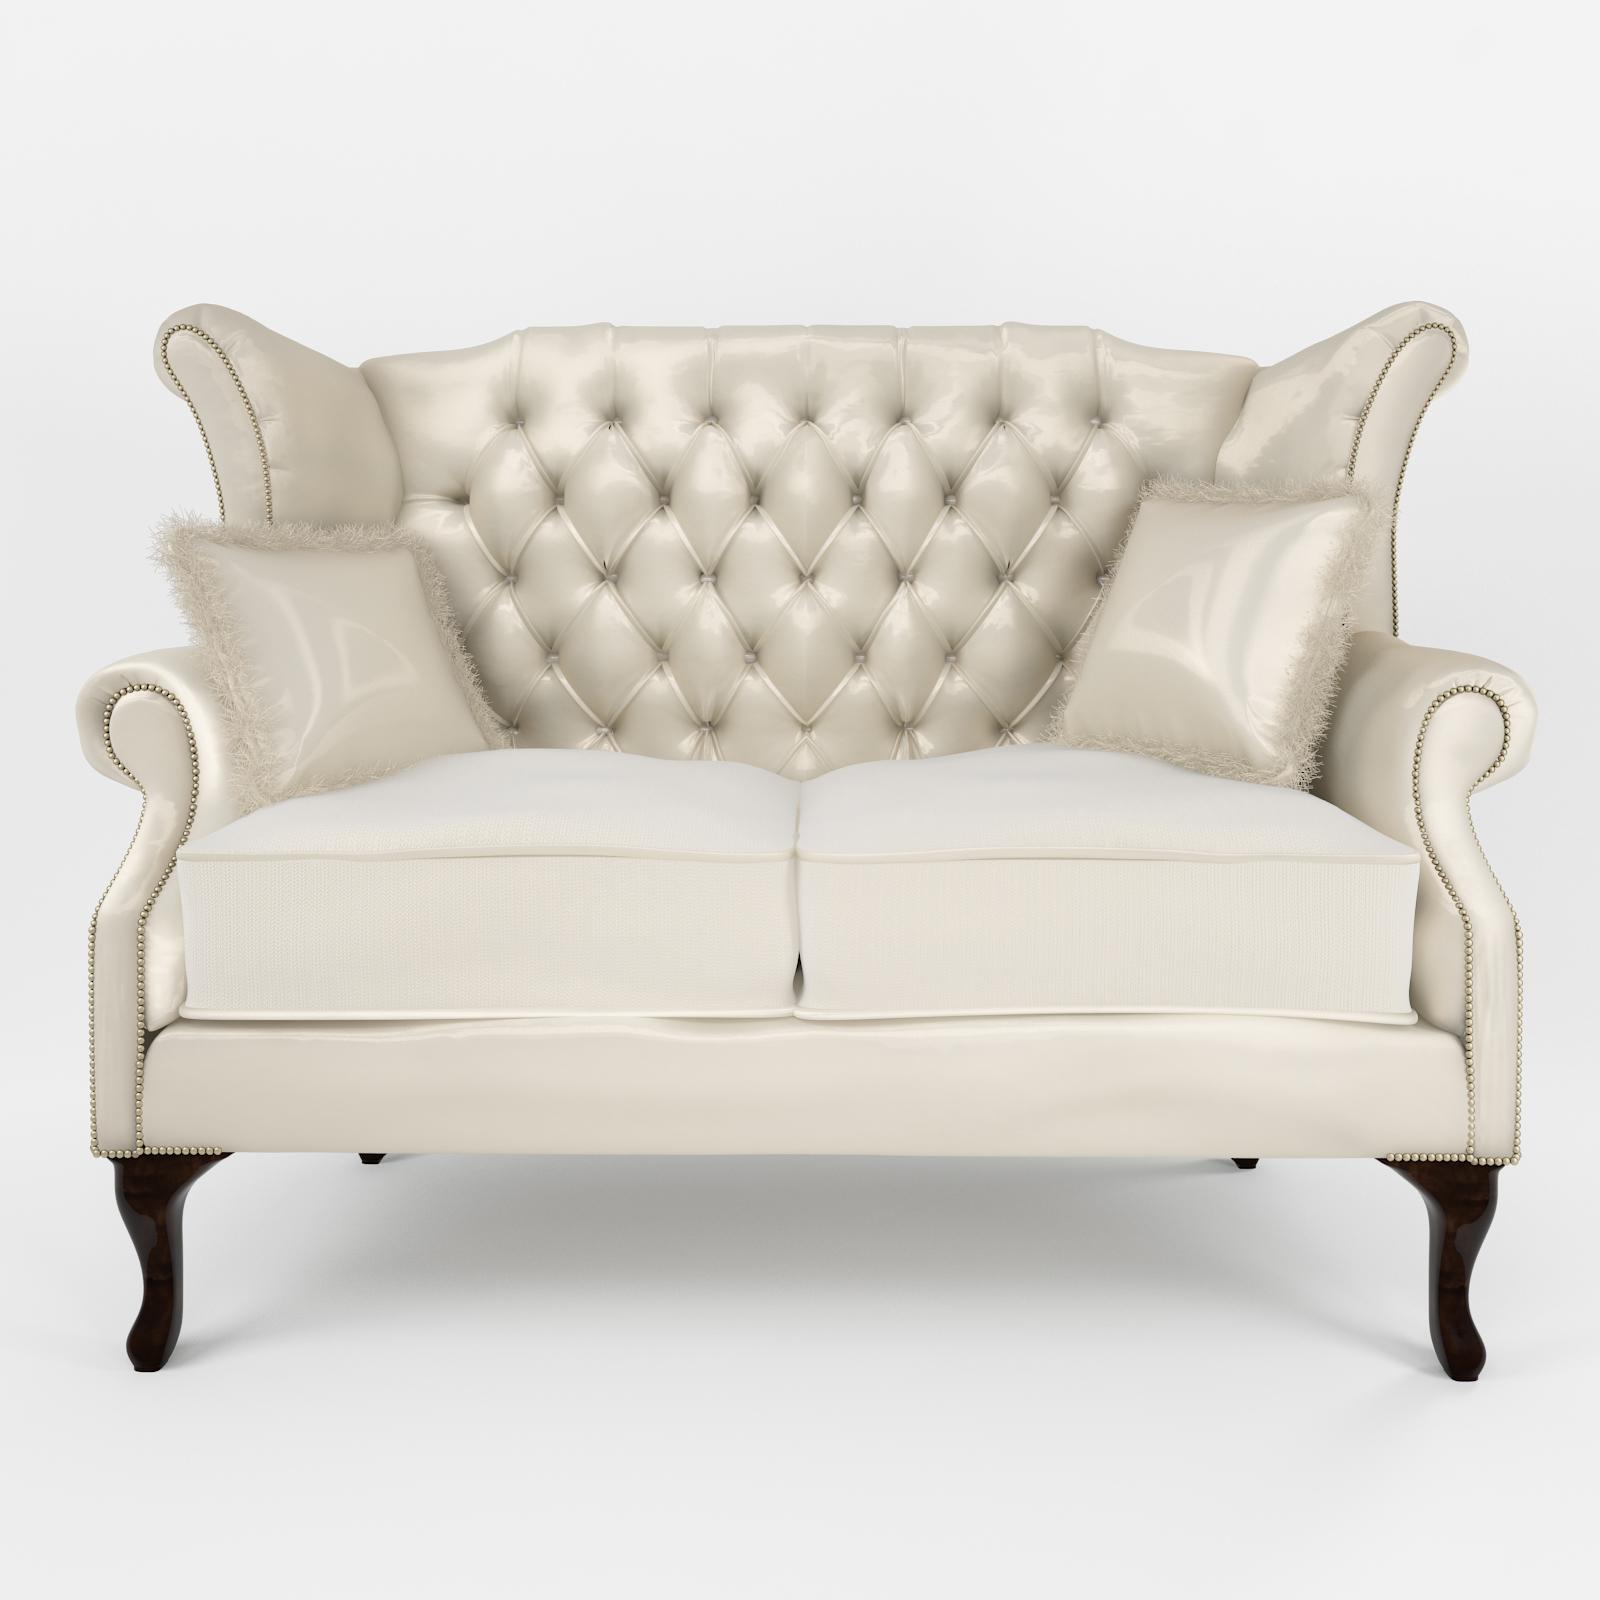 Classic Sofa Queen Anne